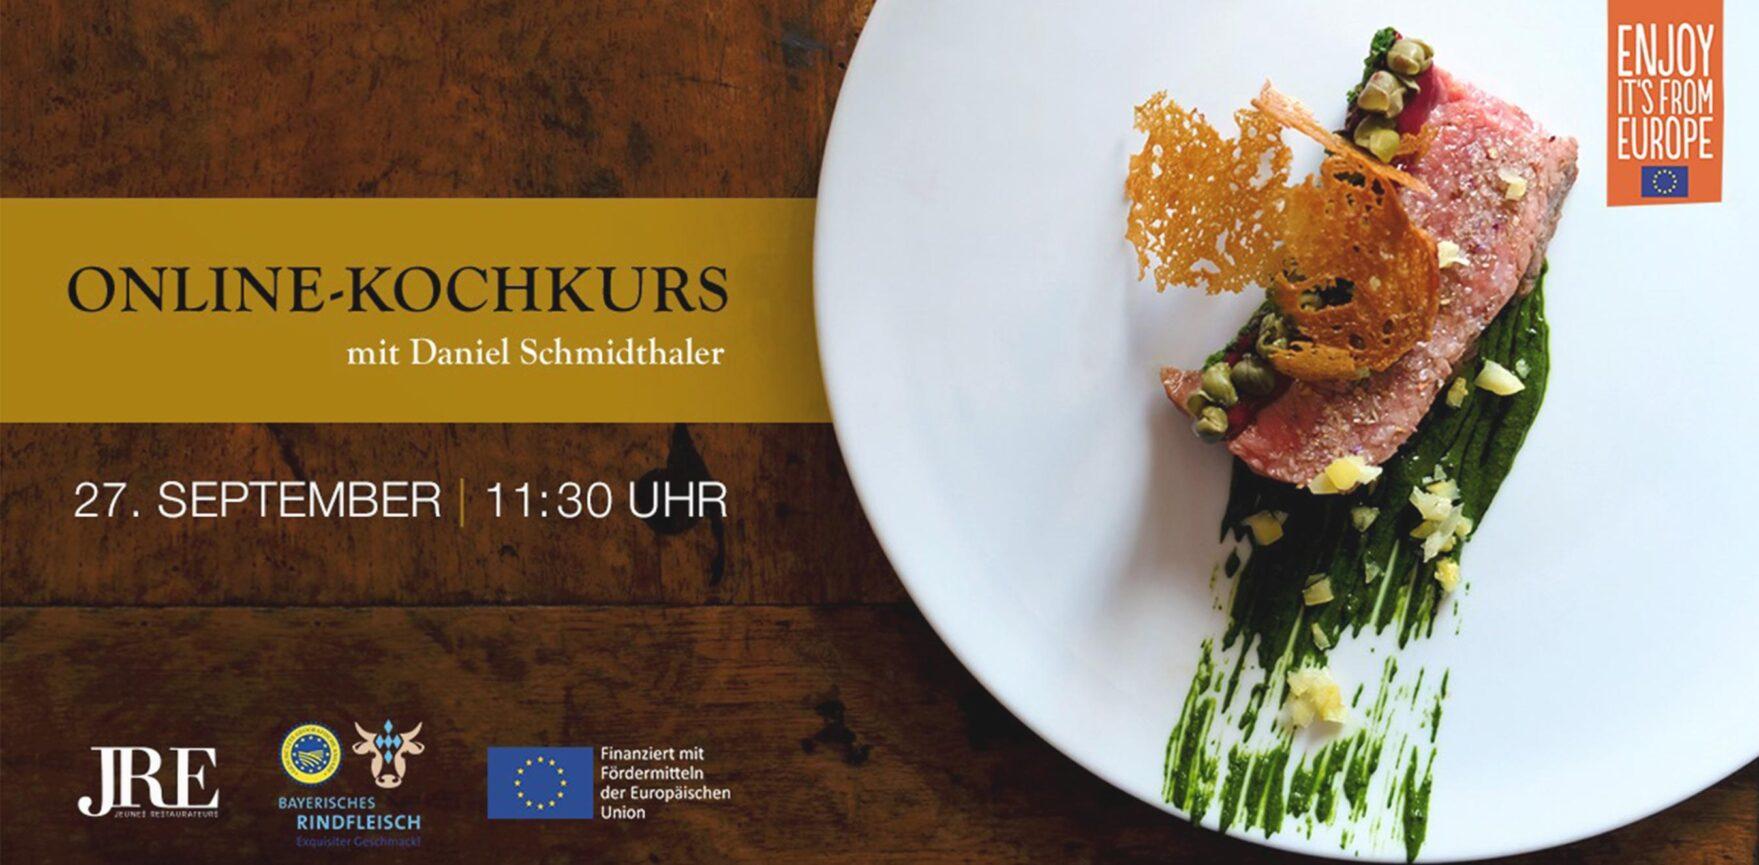 JRE Deutschland Online Kochkurs mit Daniel Schmidthaler Veranstaltungsheader